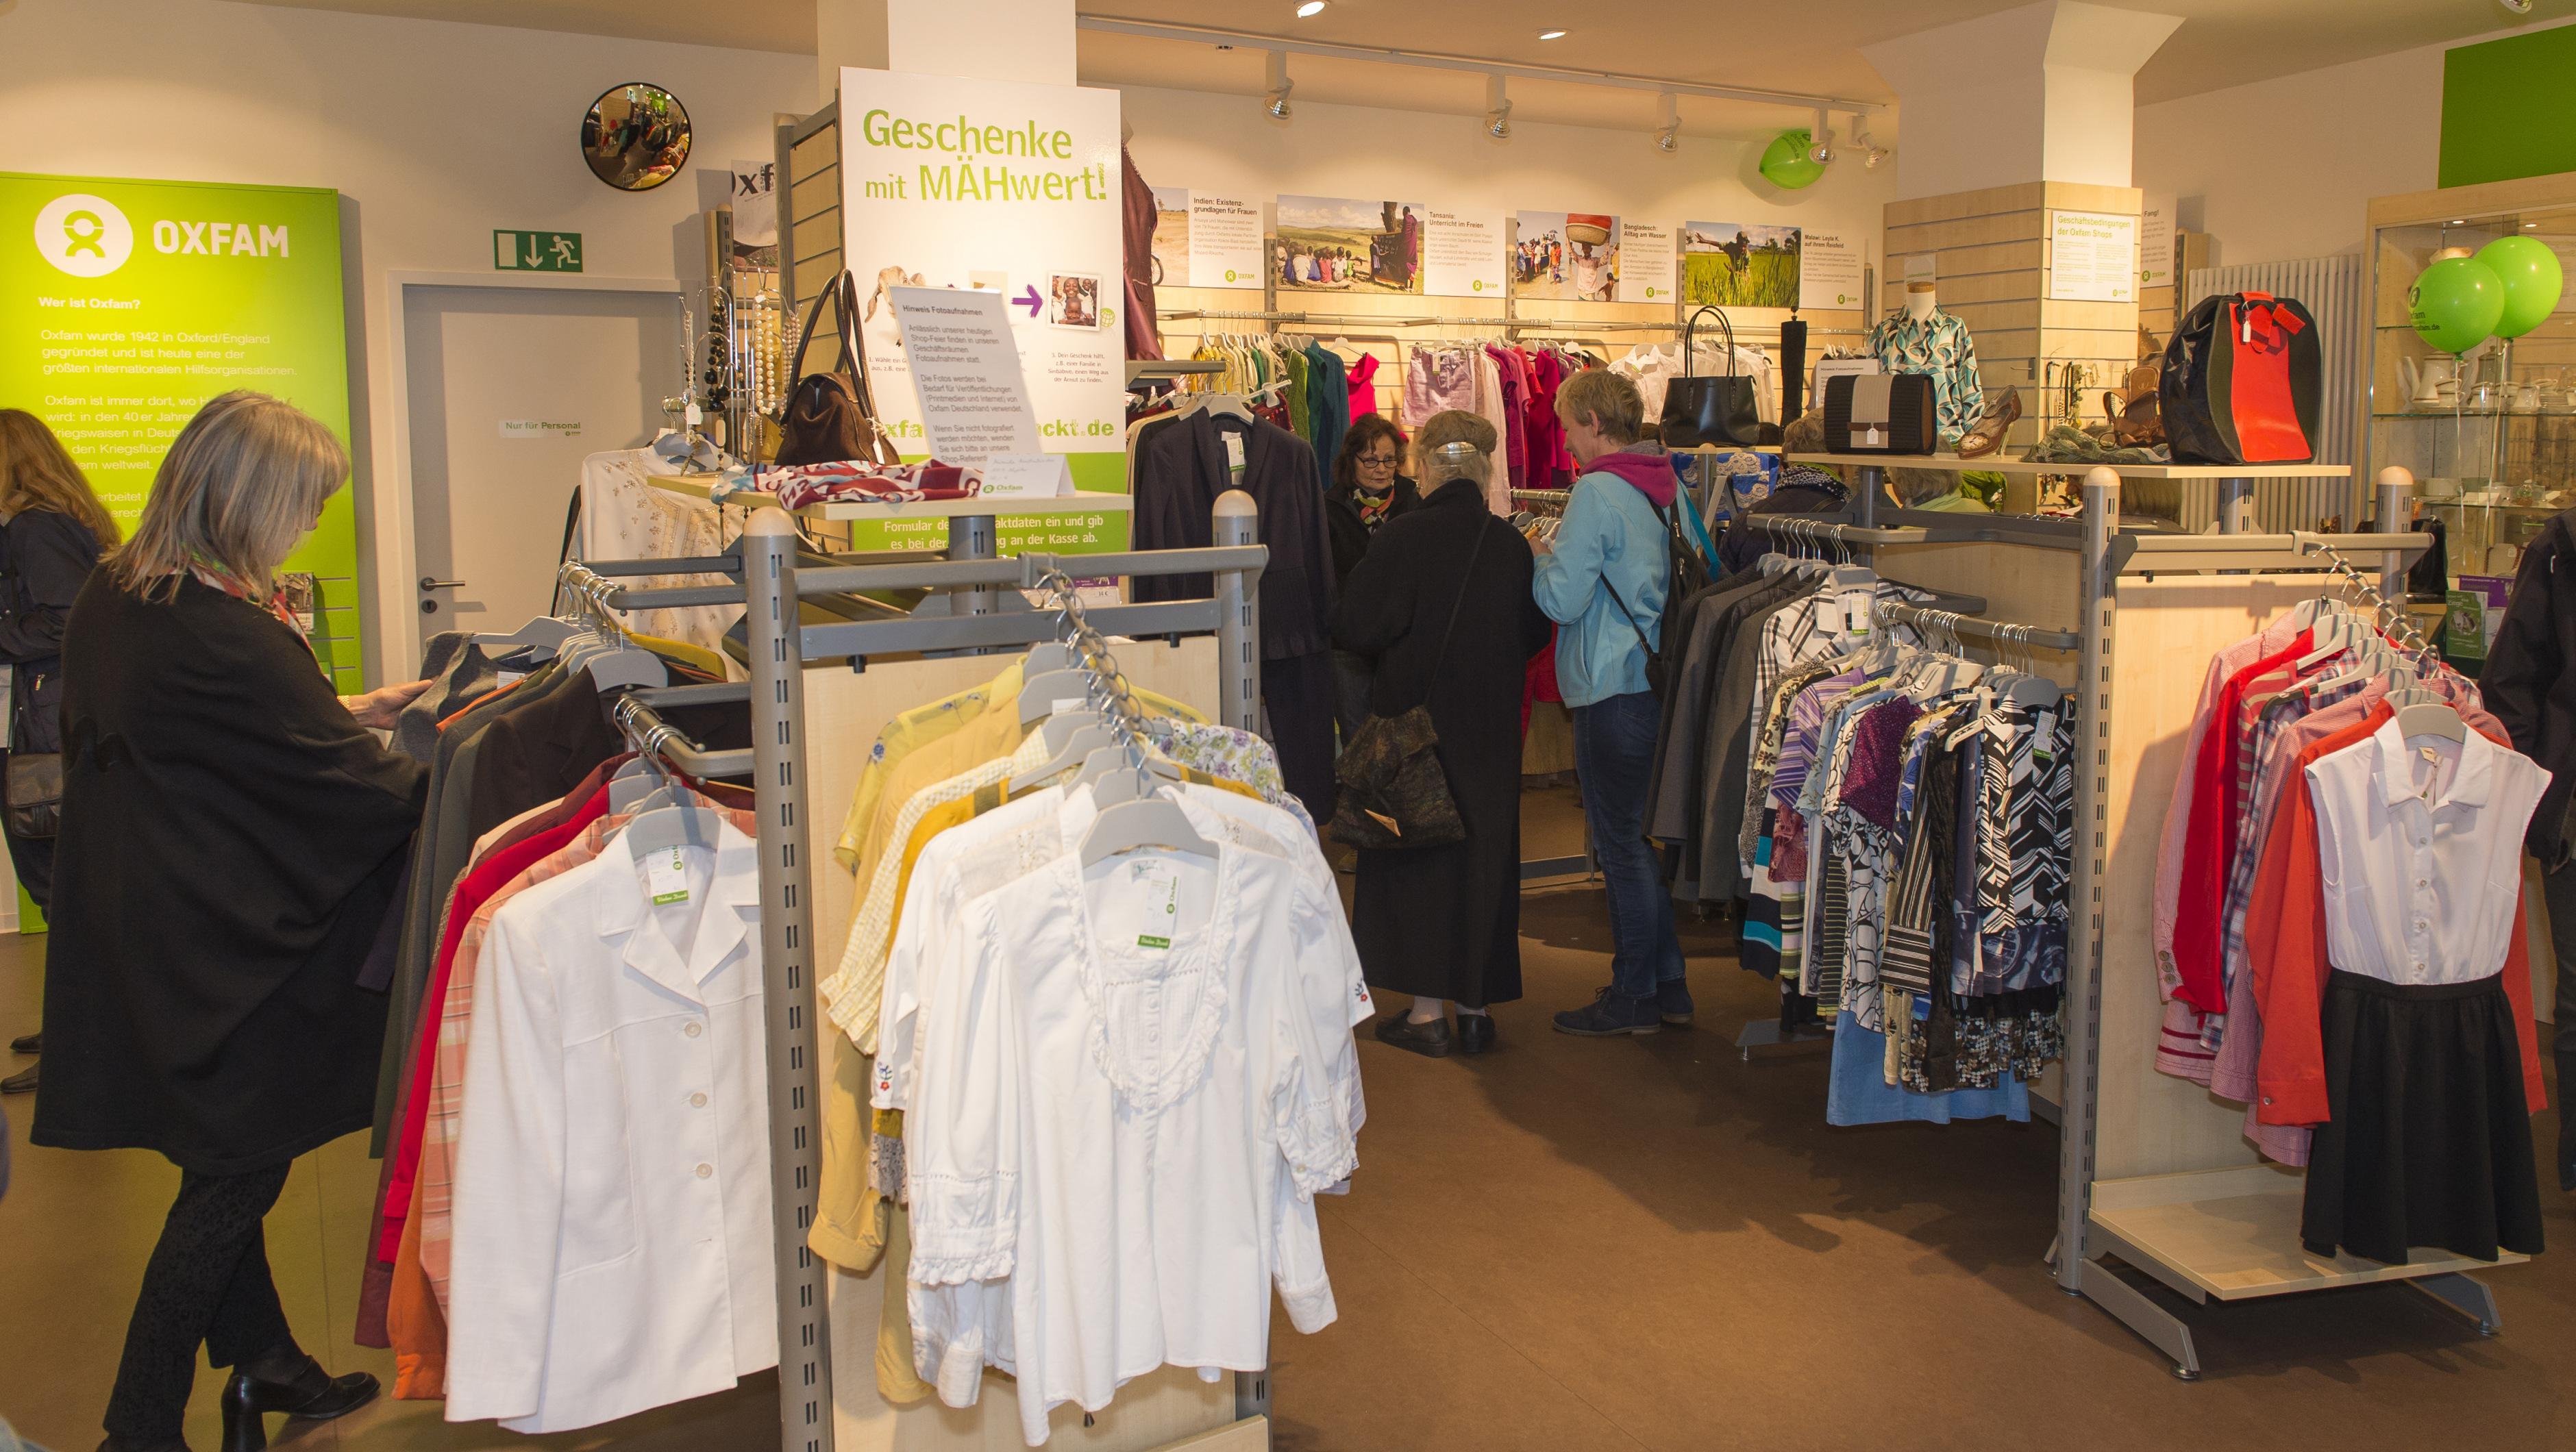 Oxfam Shop Bielefeld - Innenansicht